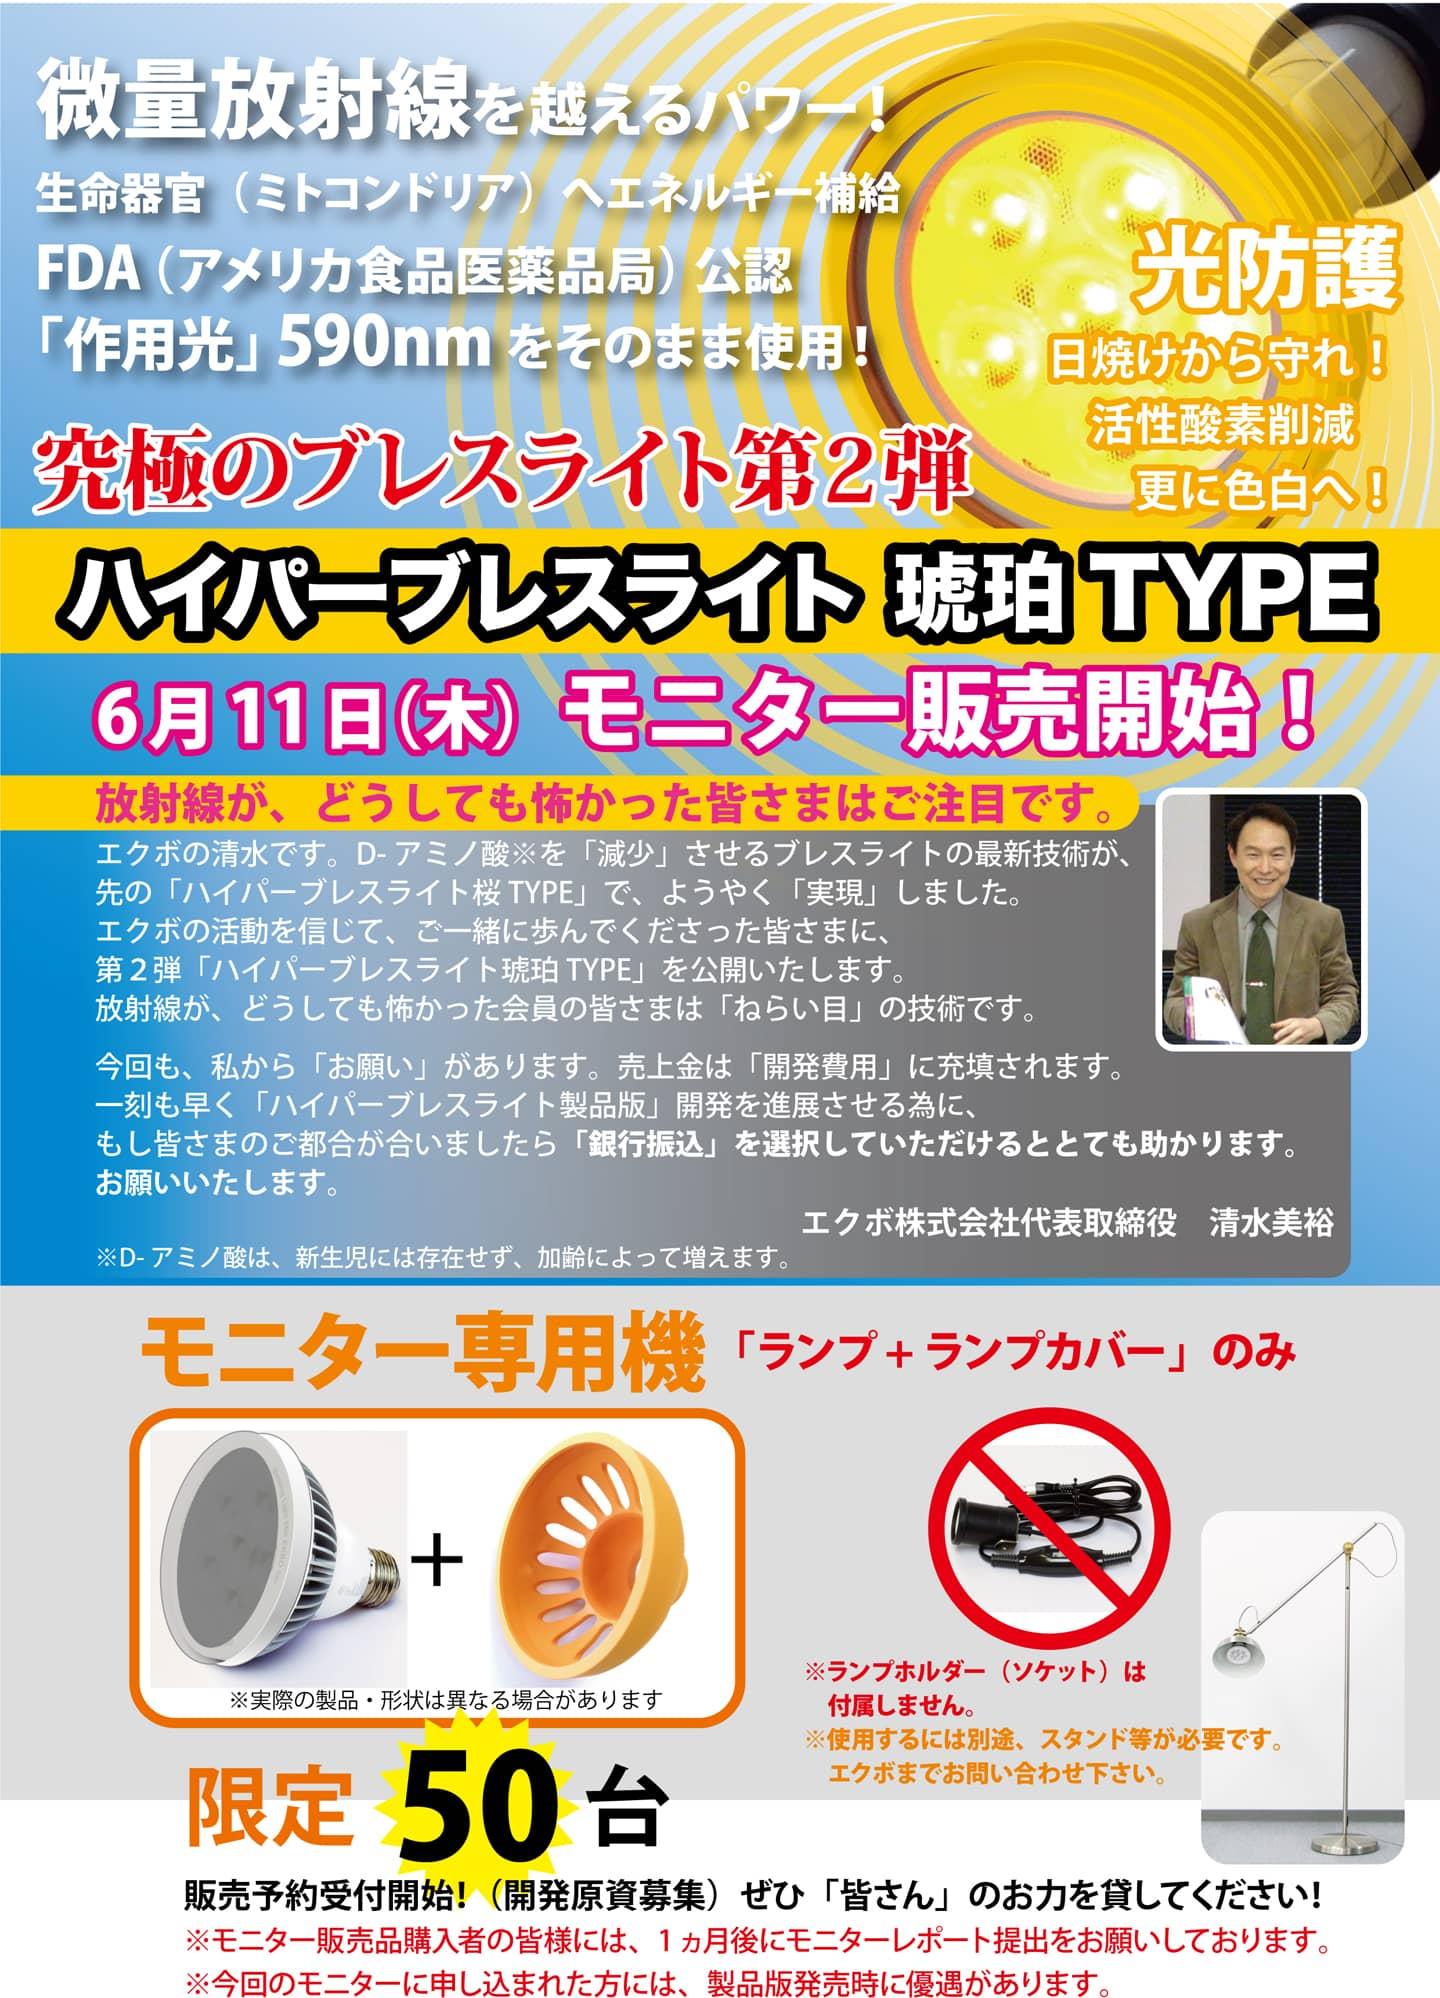 微量放射線を超えるパワー 「生命器官(ミトコンドリア)」へエネルギー供給 FDA(アメリカ食品医薬品局)公認 「作用光」590nmをそのまま使用! 究極のブレスライト第2弾 ハイパー・ブレスライト琥珀TYPE登場! 6月11日(木)モニター販売「開始」! 回転する光が人生を変える!